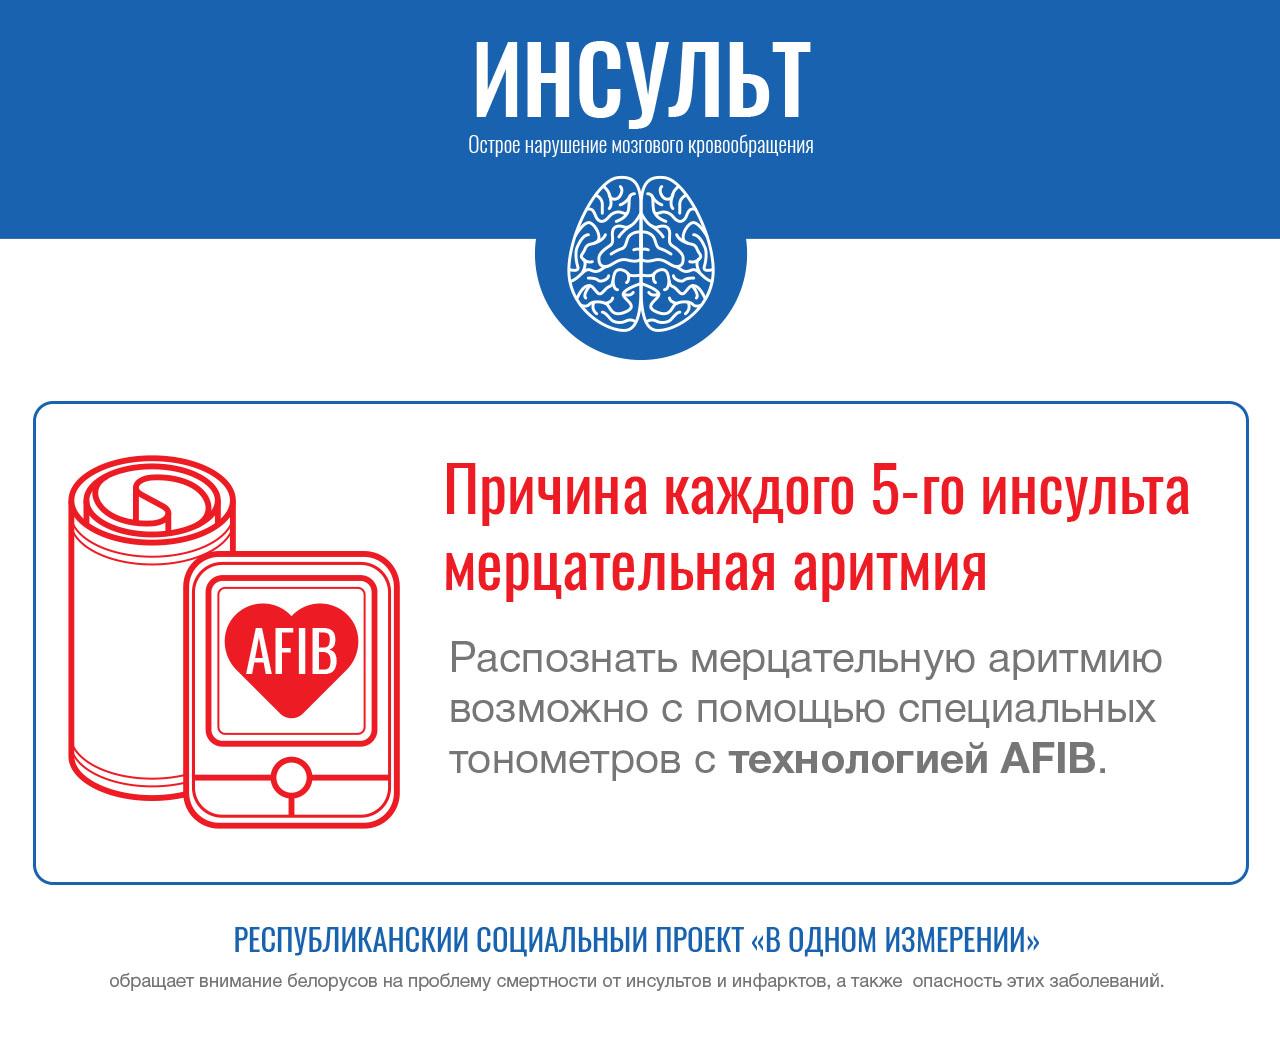 О технологии AFIB